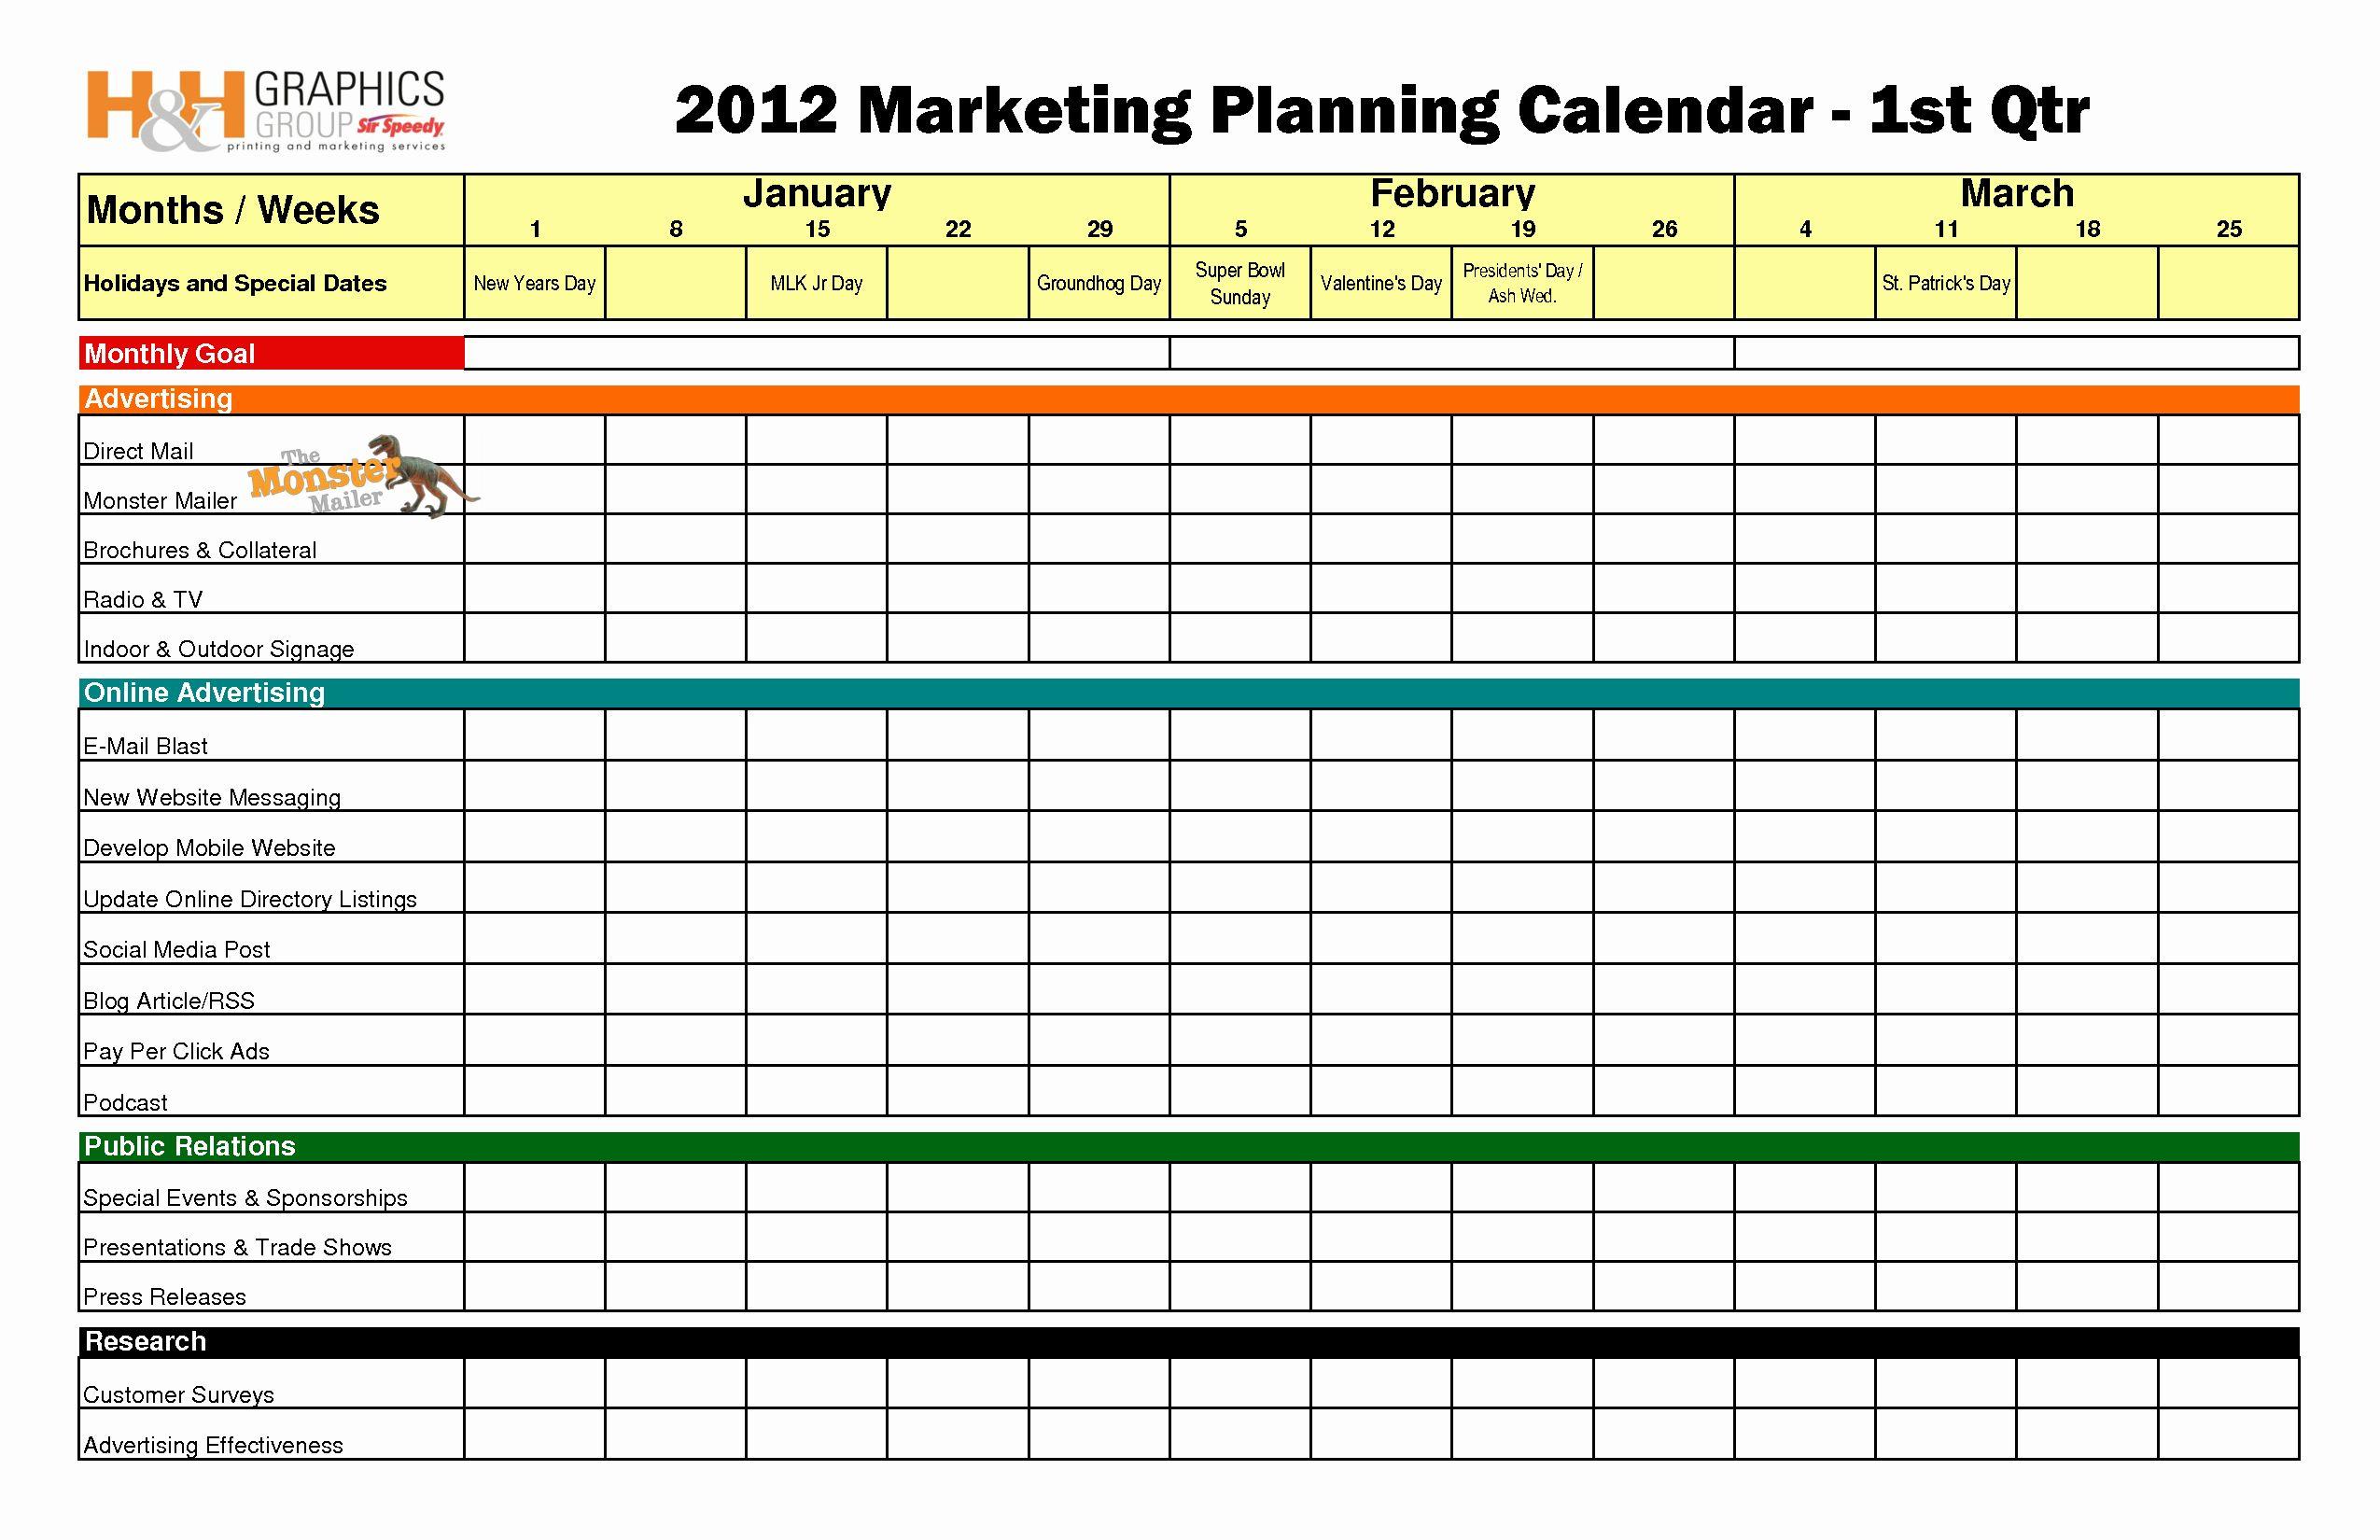 Event Marketing Plan Template Best Of Quarterly Marketing Plan Bing Images Marketing Calendar Template Marketing Plan Template Marketing Planning Calendar